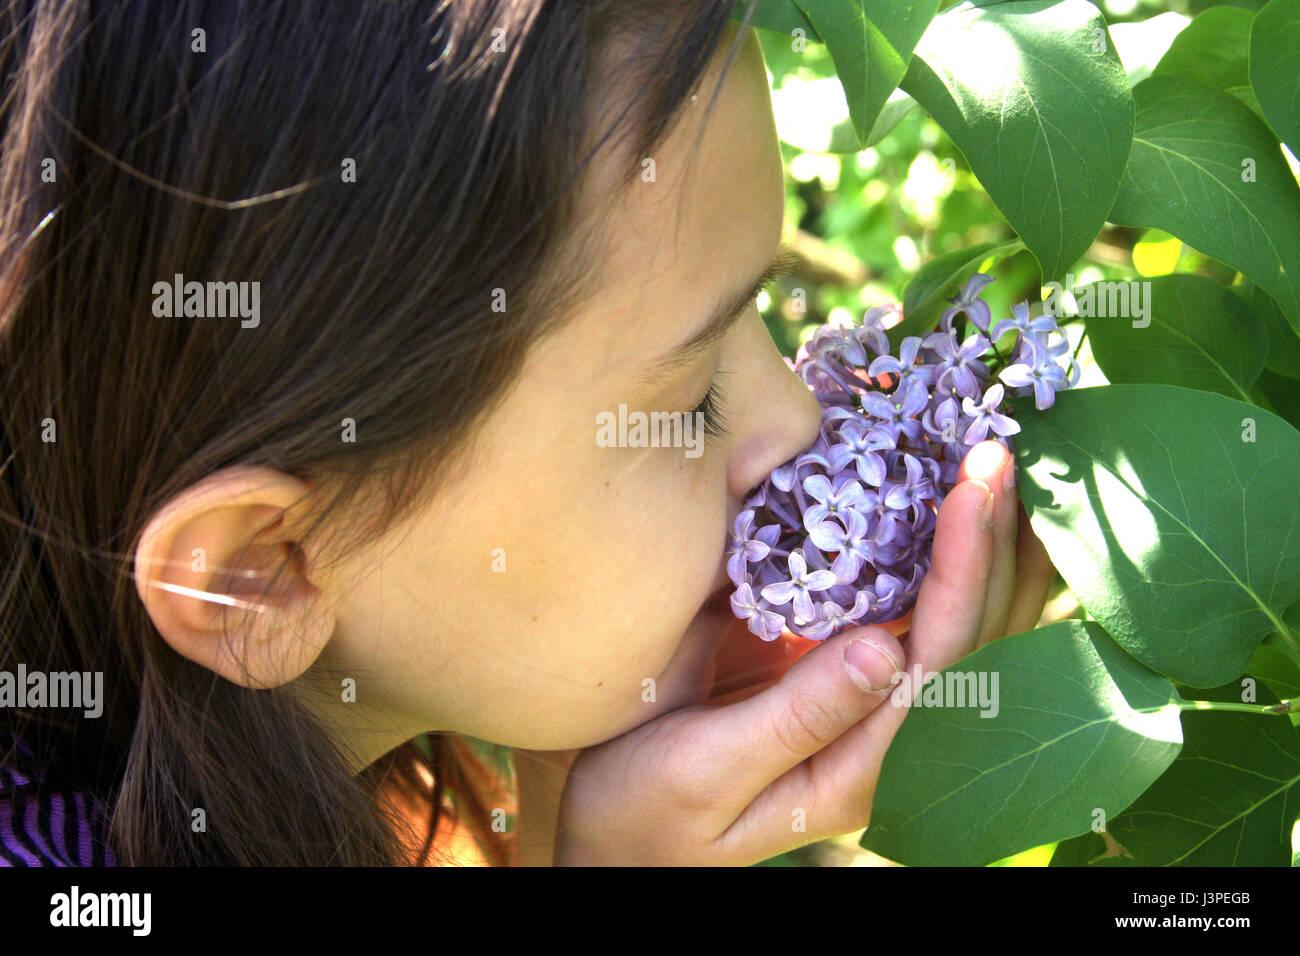 b1834ae3911ef Petite fille qui sent le lilas fleur dans le jardin Banque D Images ...